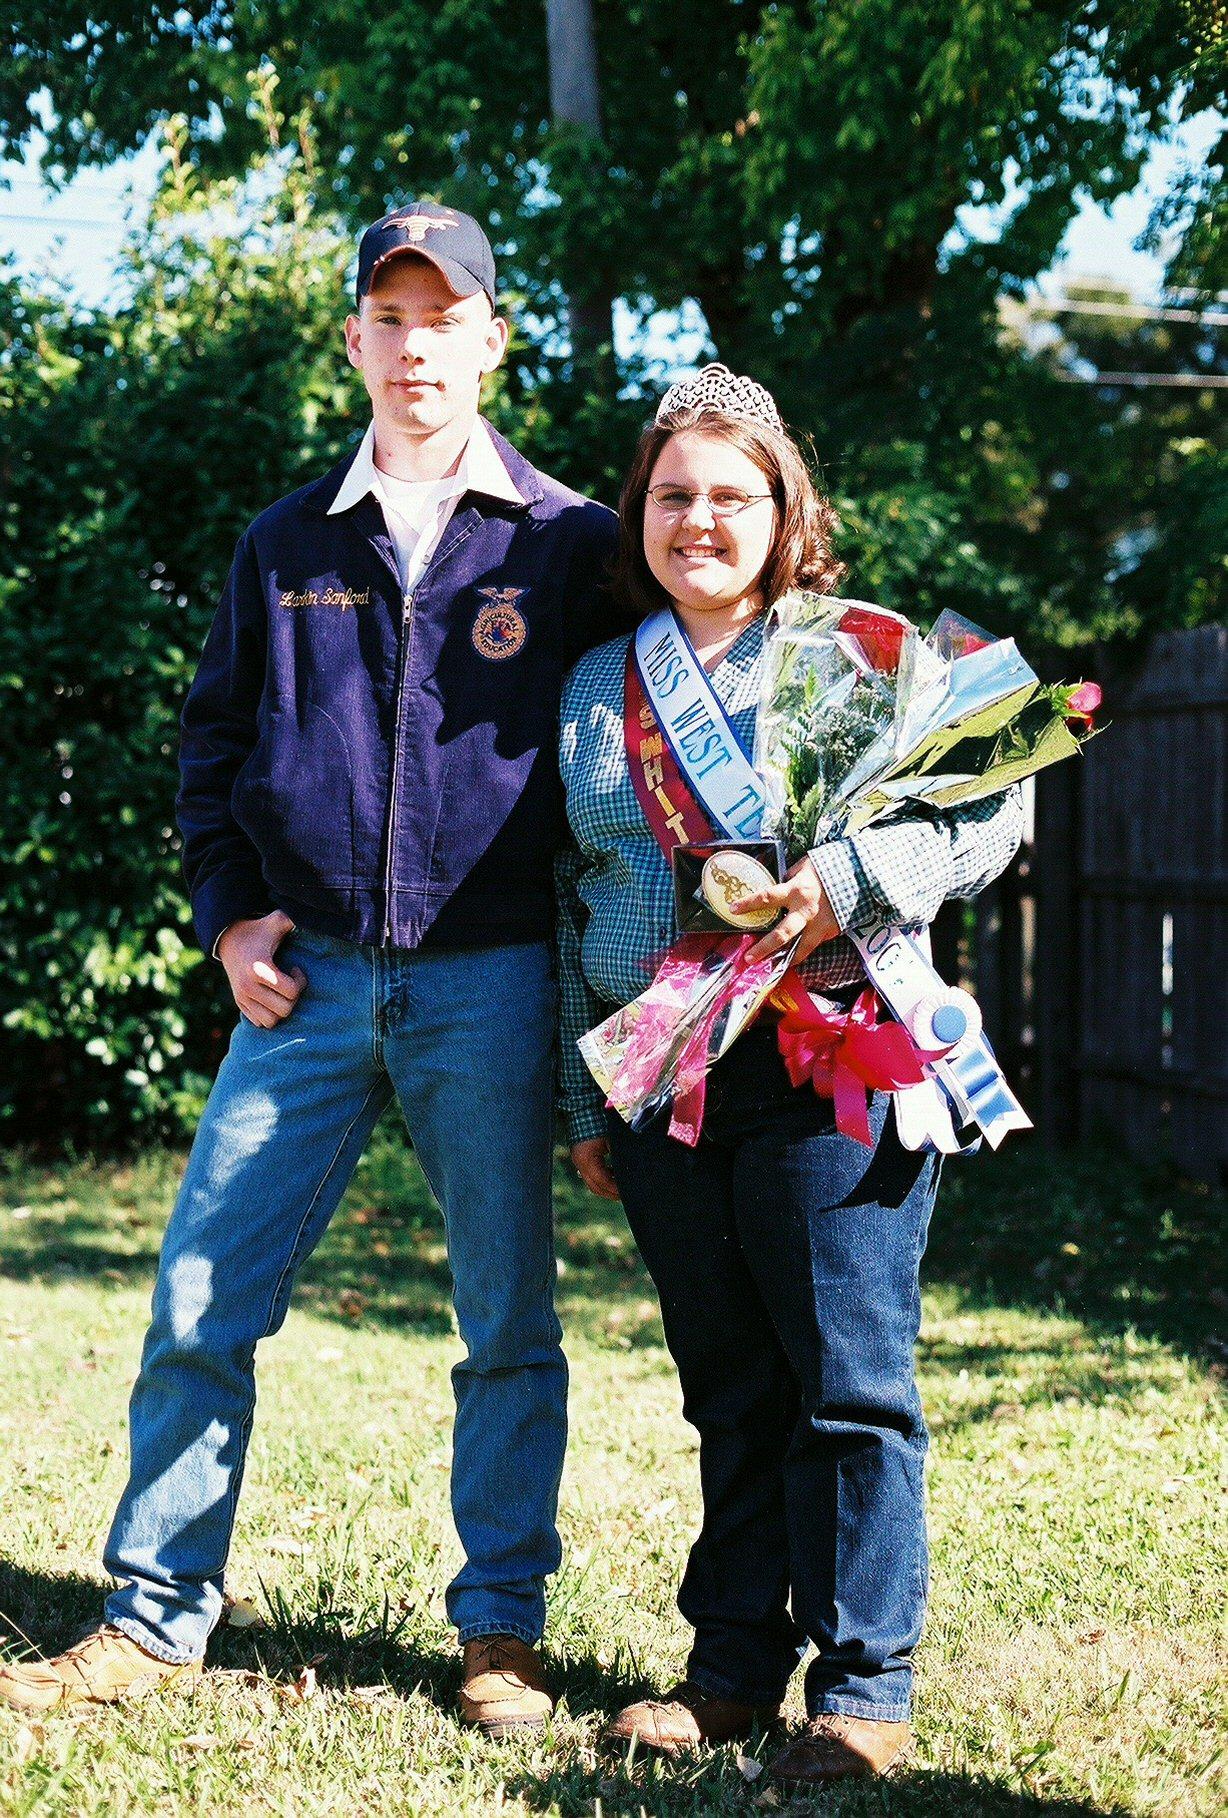 Queen and Escort Whitesboro Peanut Festival, 2004